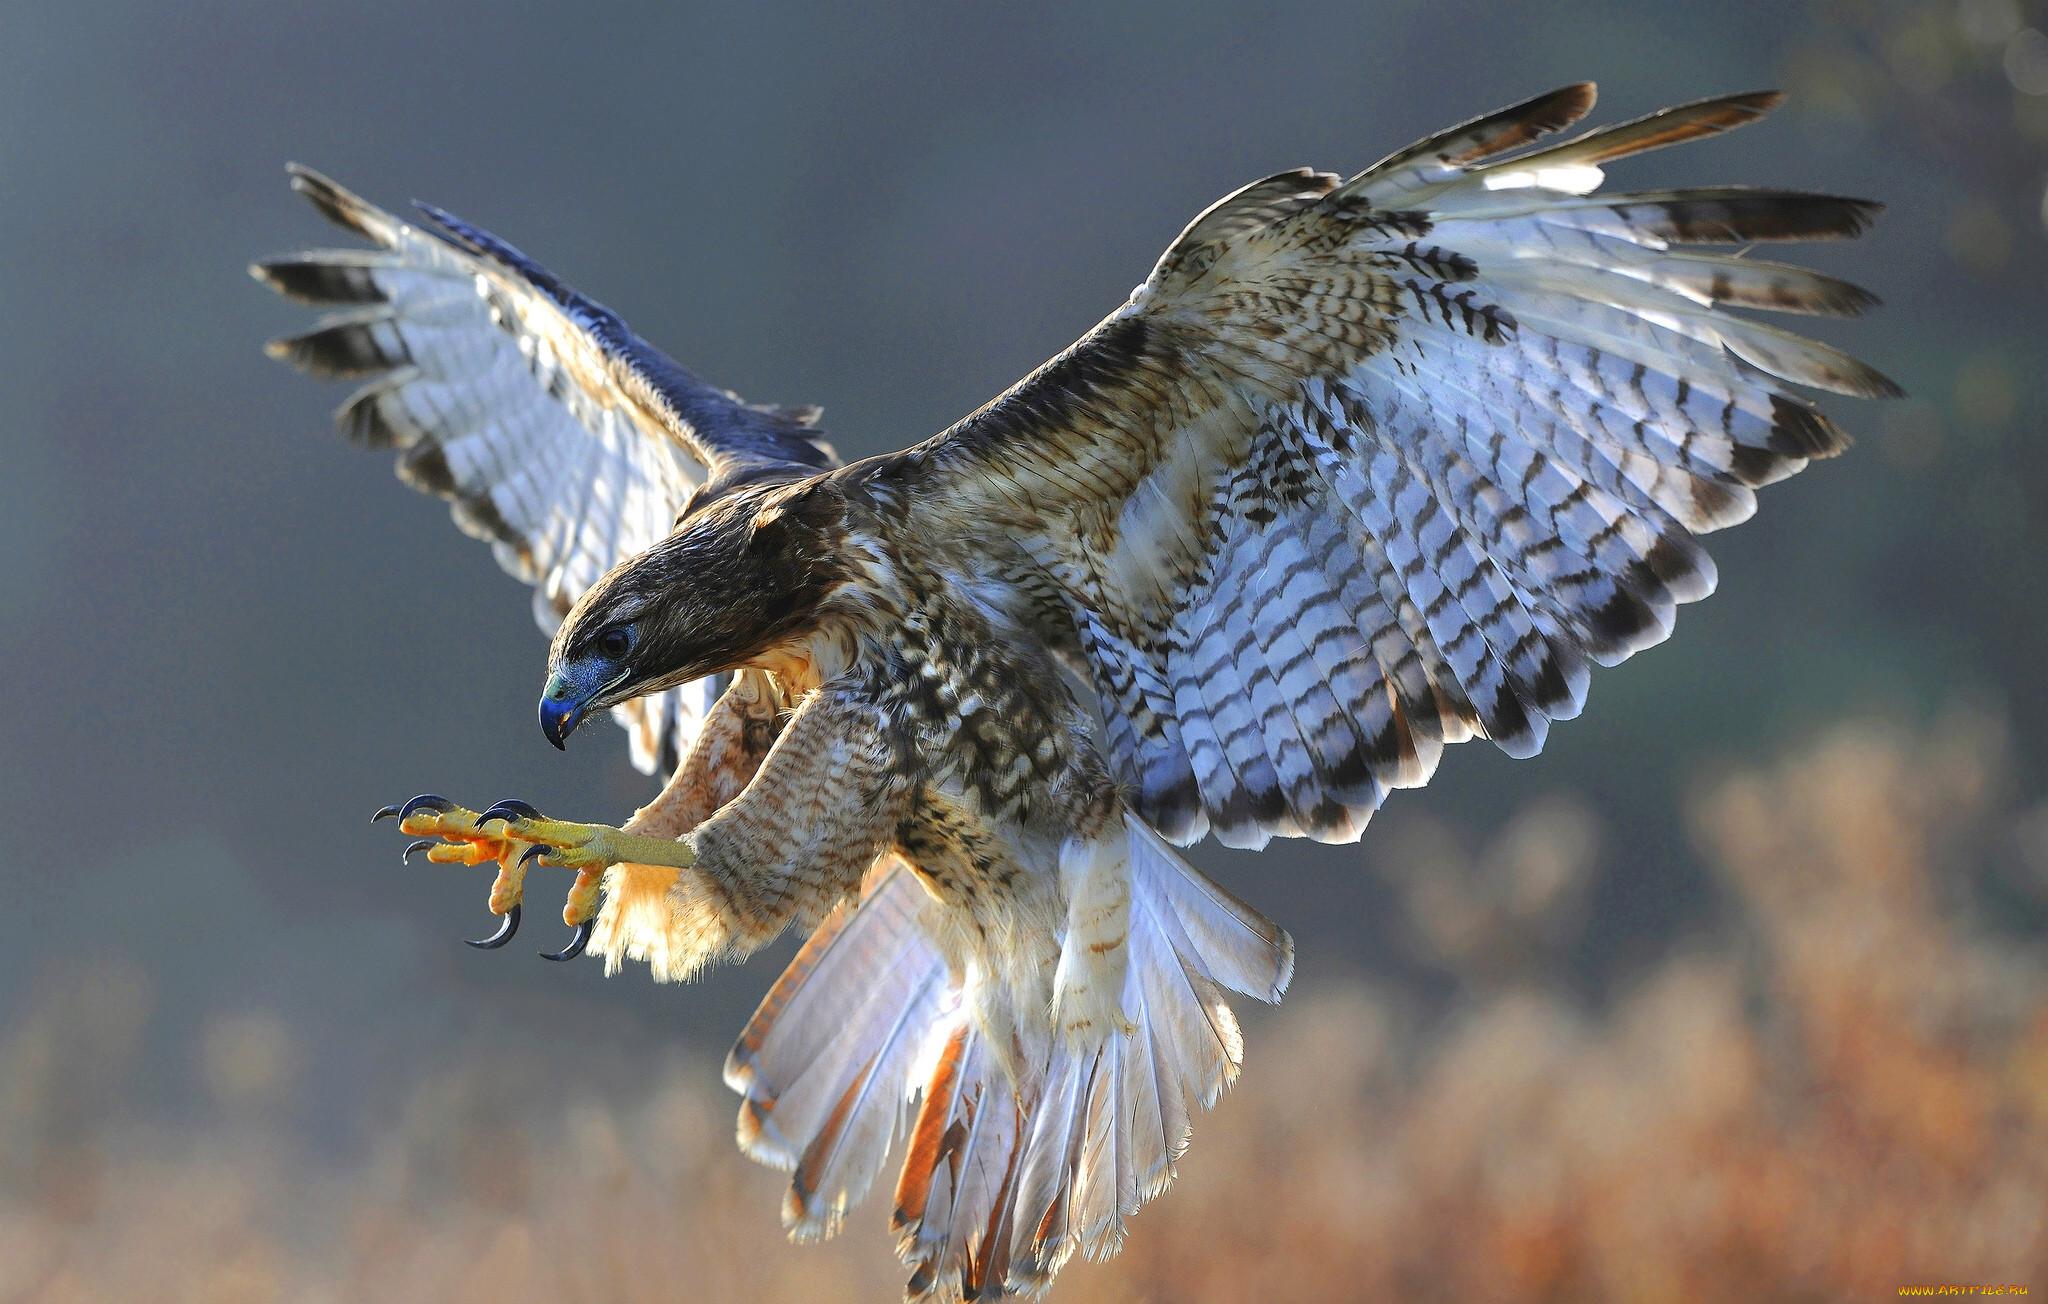 Фото какие птицы поют вечером в лесу вас заинтересовал